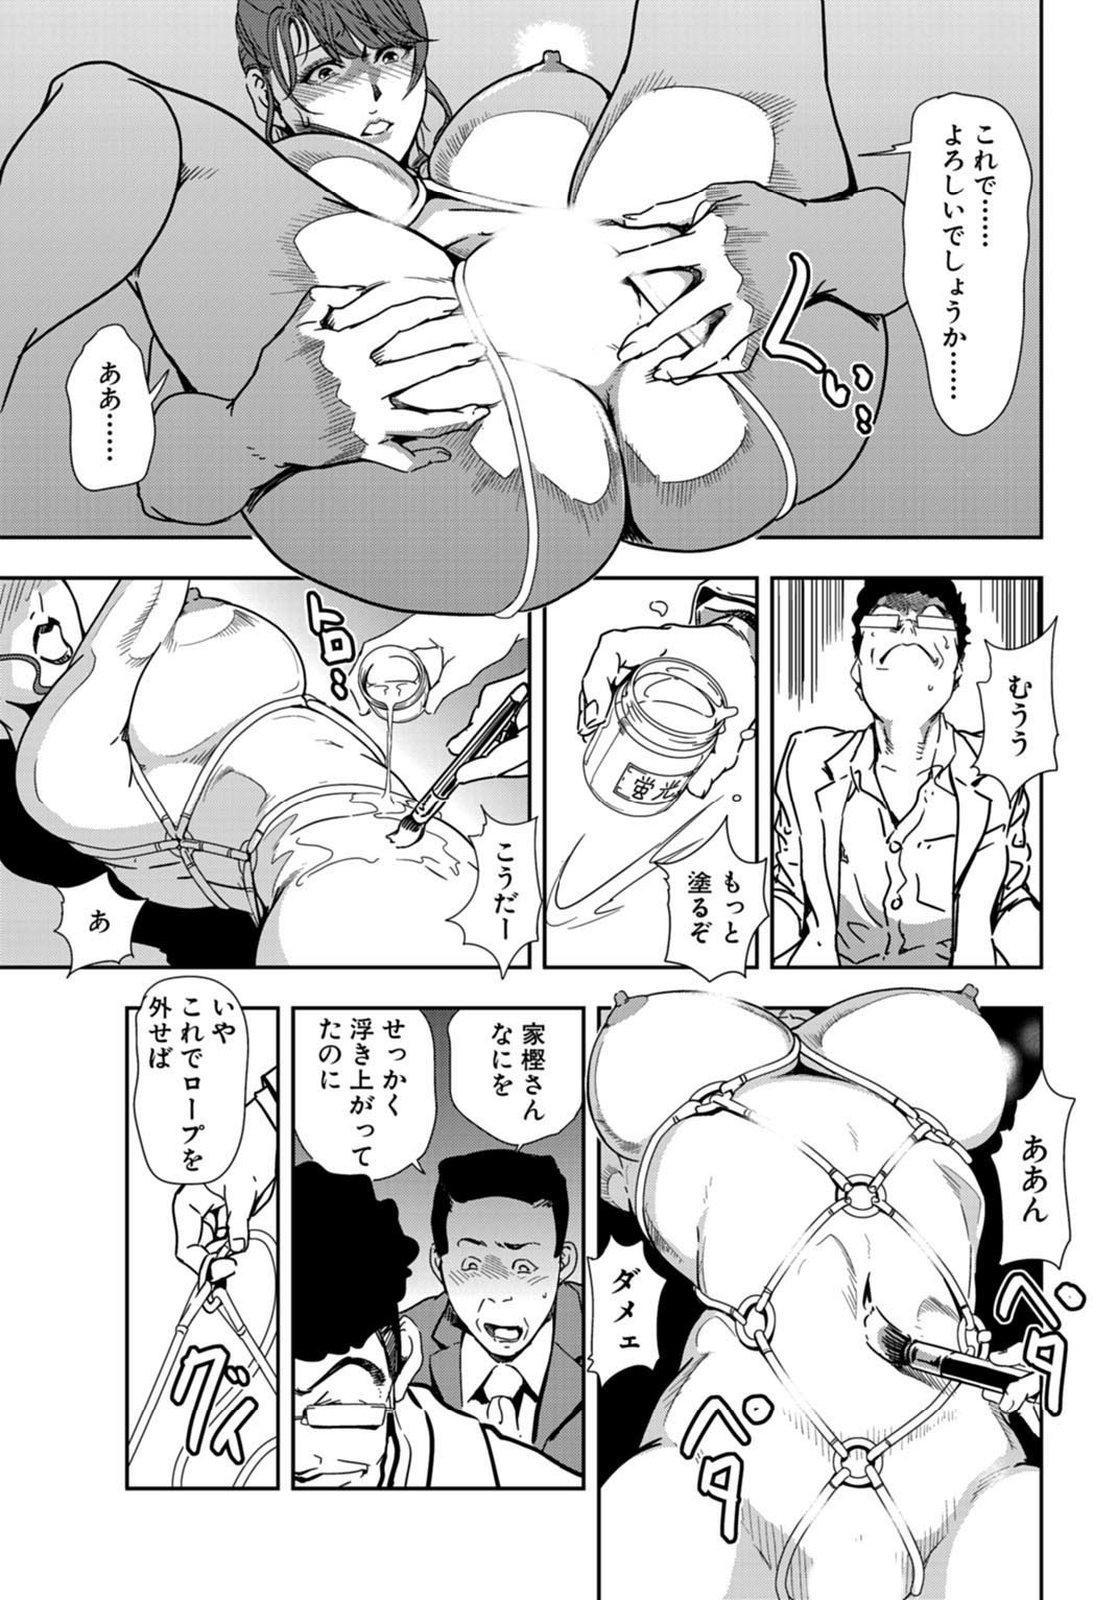 Nikuhisyo Yukiko 21 14